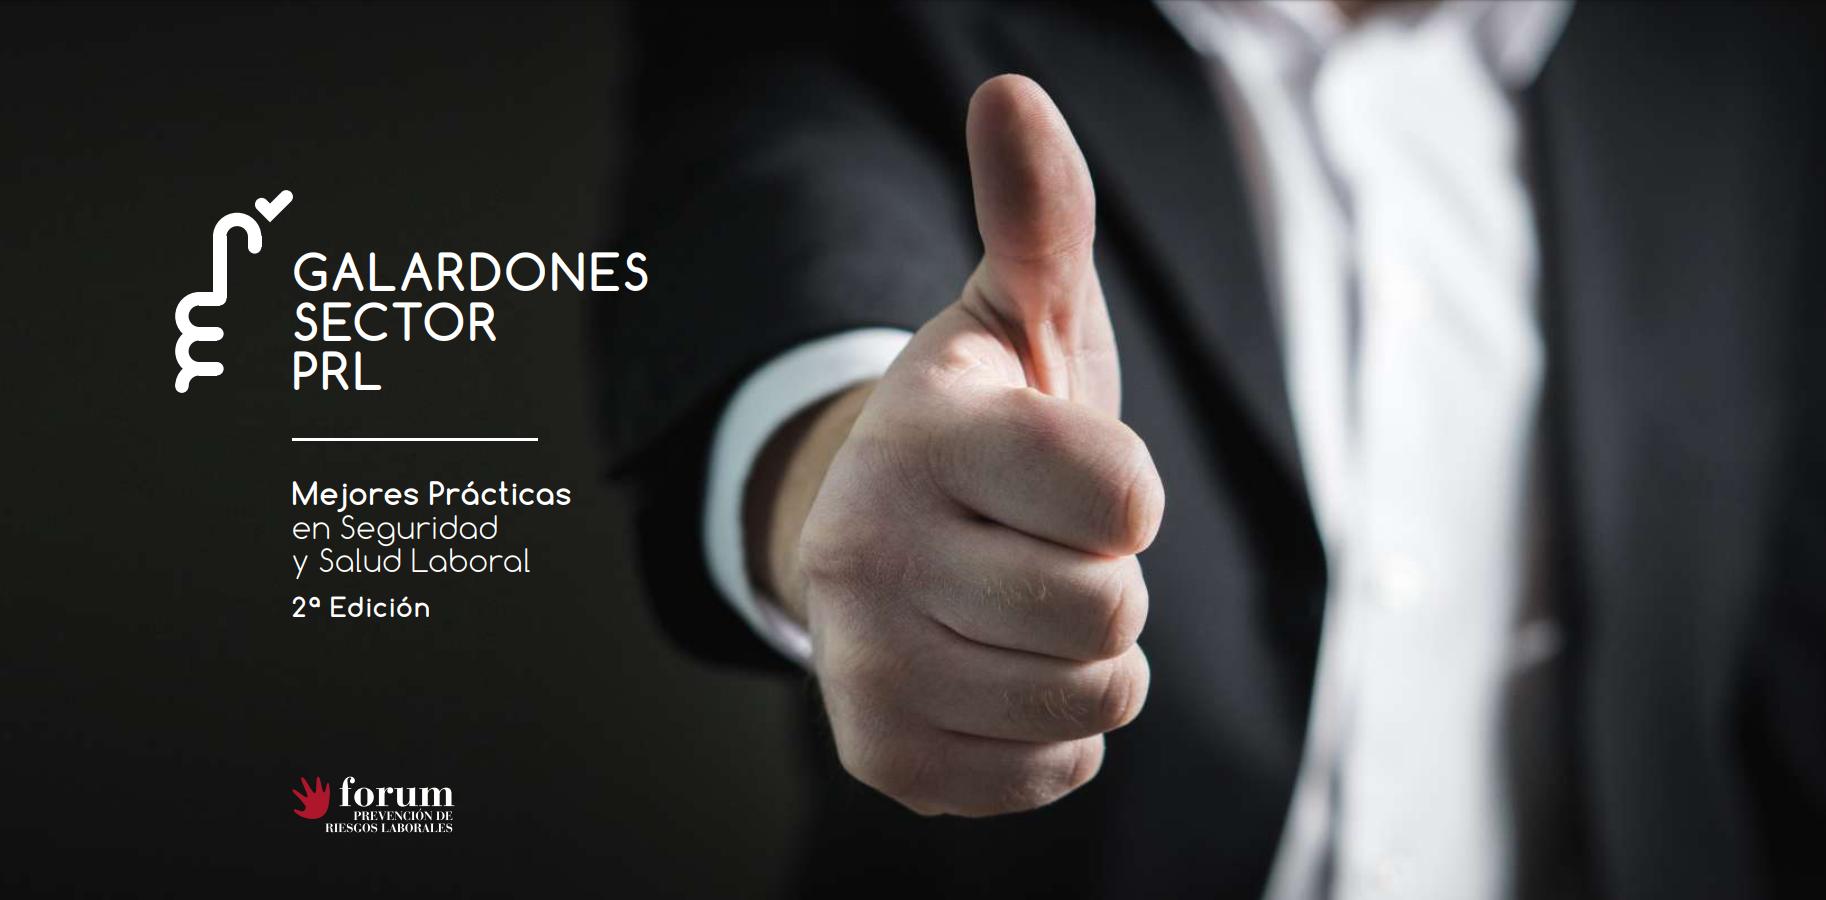 Trece candidaturas, finalistas en la 2a Edición de los Galardones Sector PRL